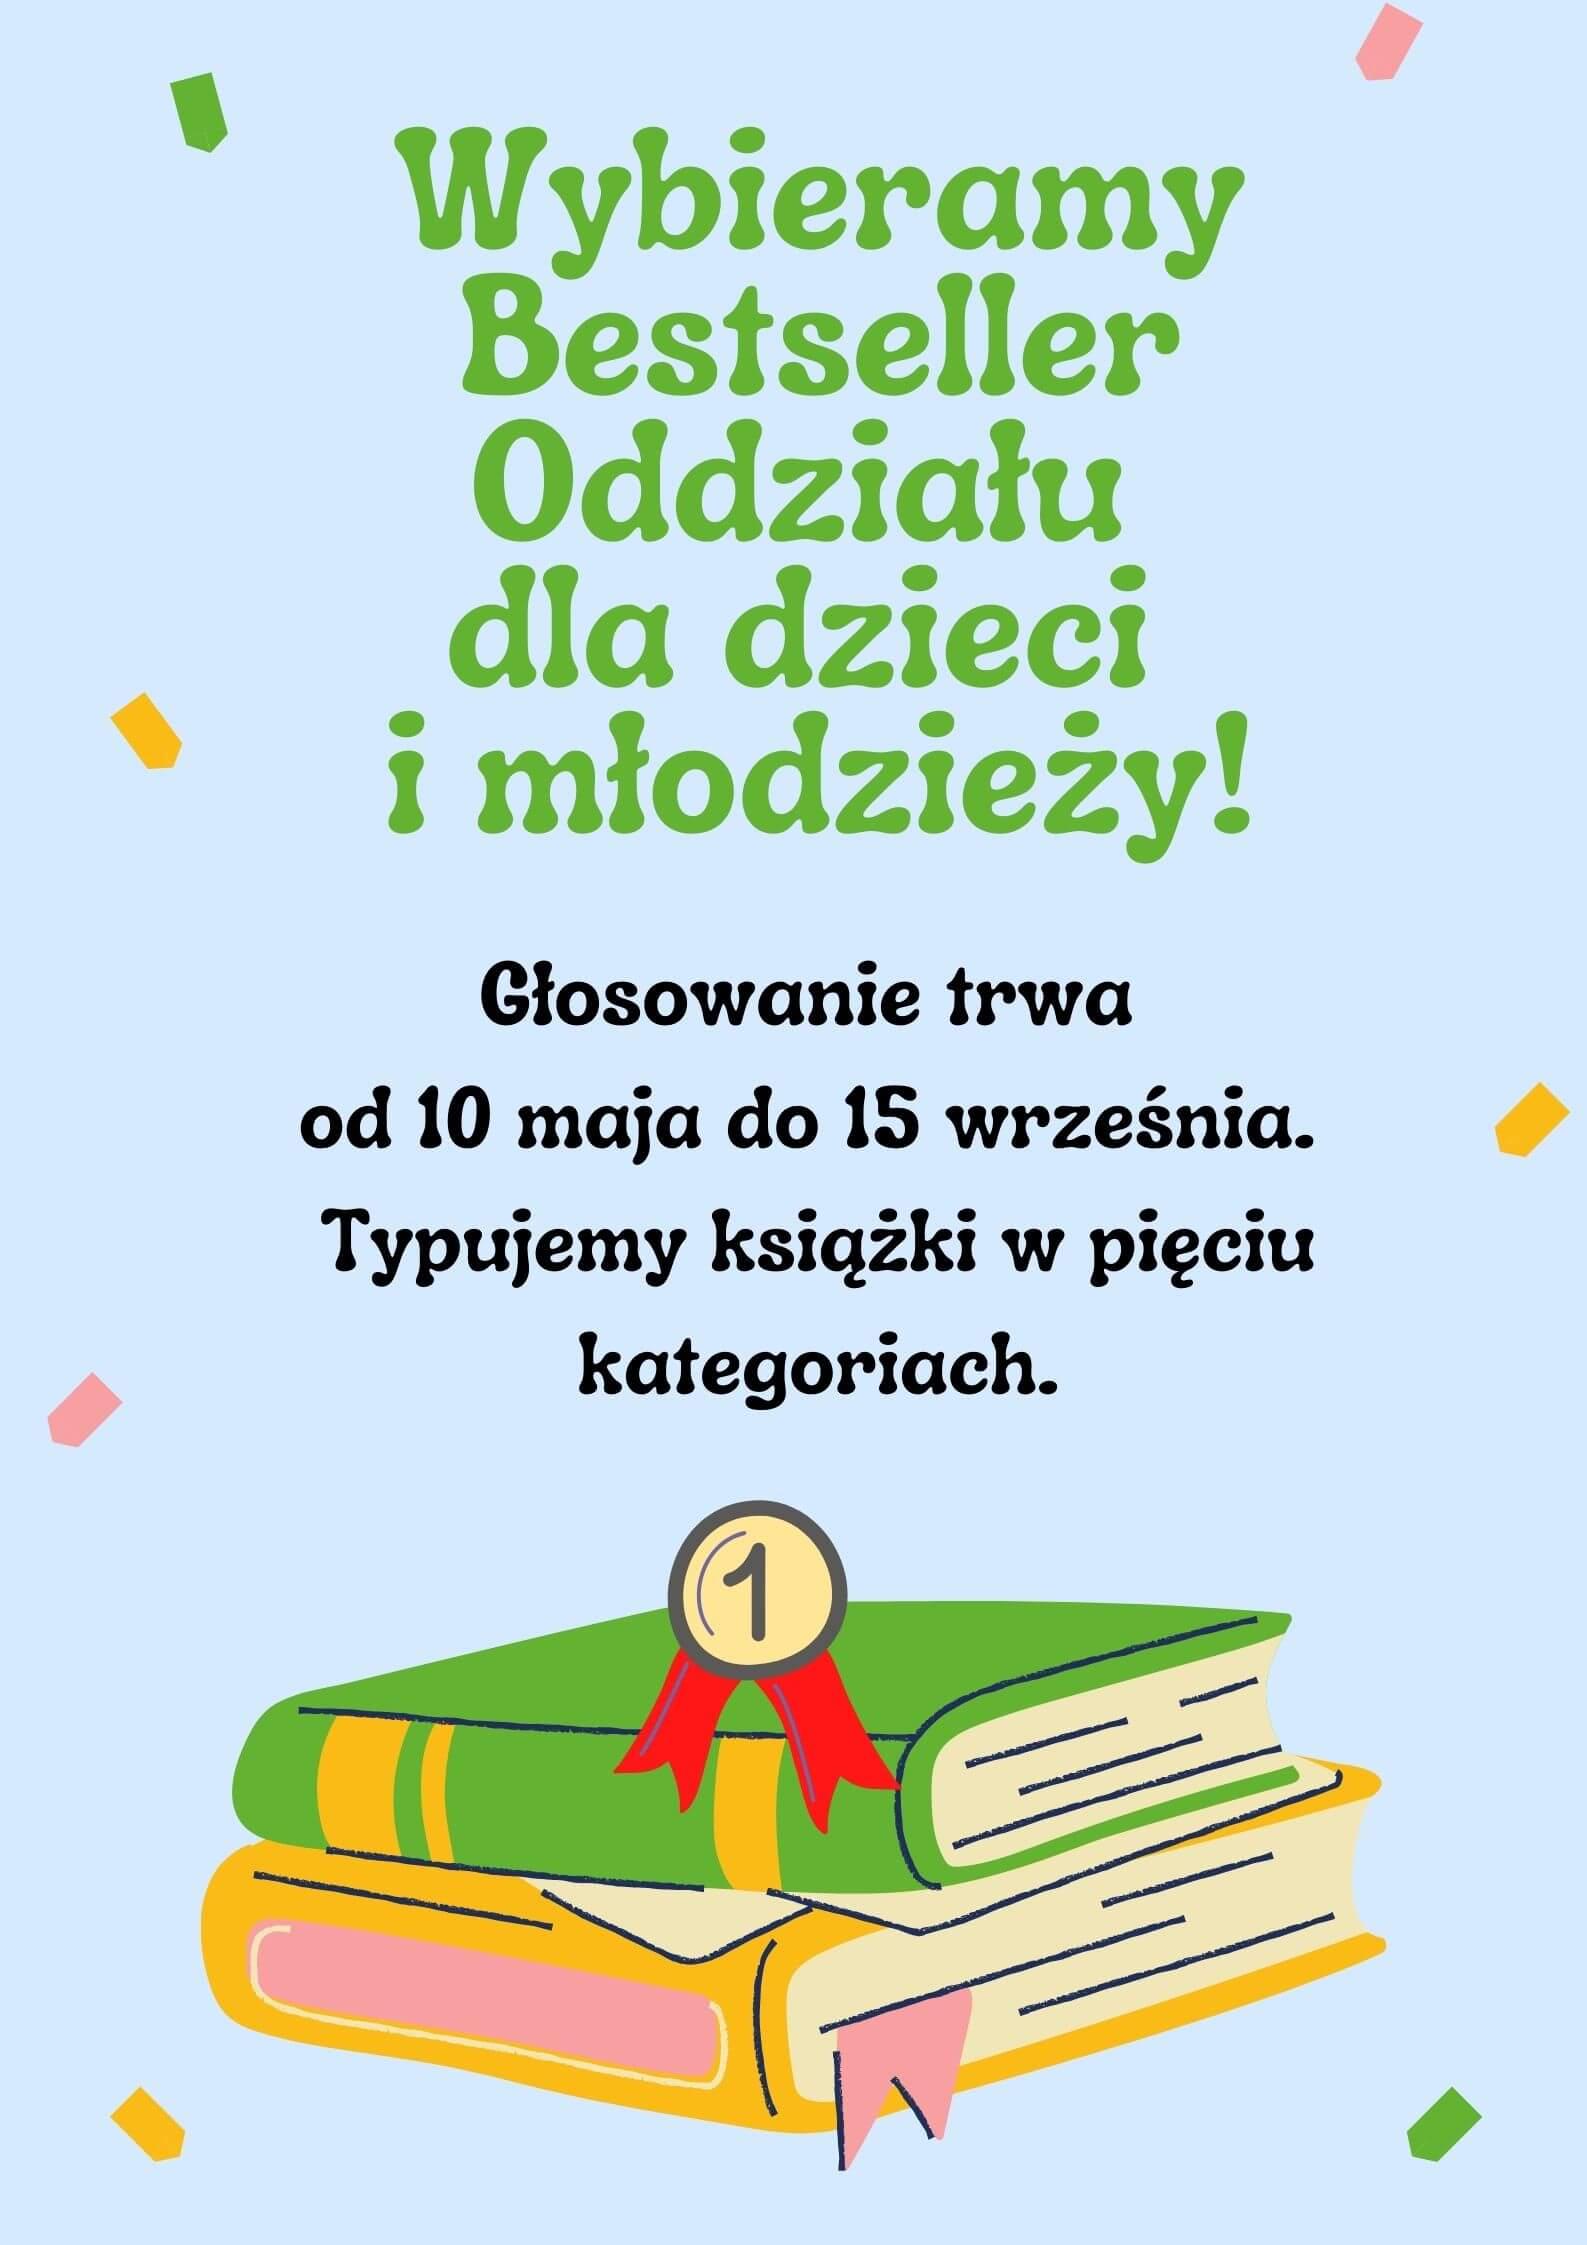 Bestseller Oddziału dla dzieci i młodzieży